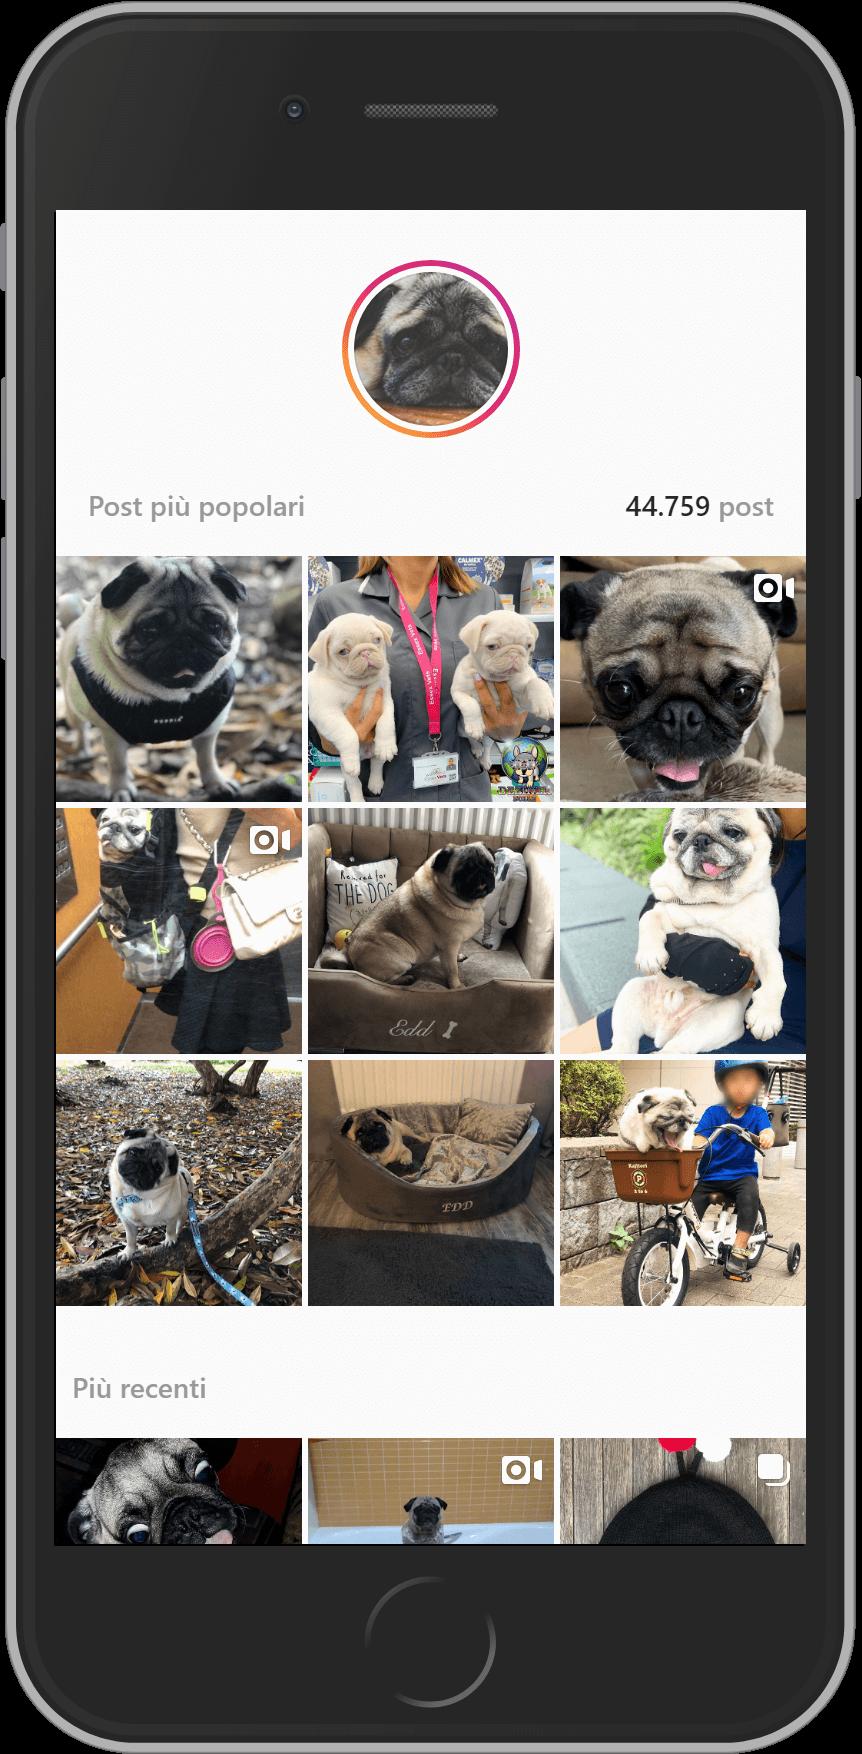 Esempio di ricerca su Instagram